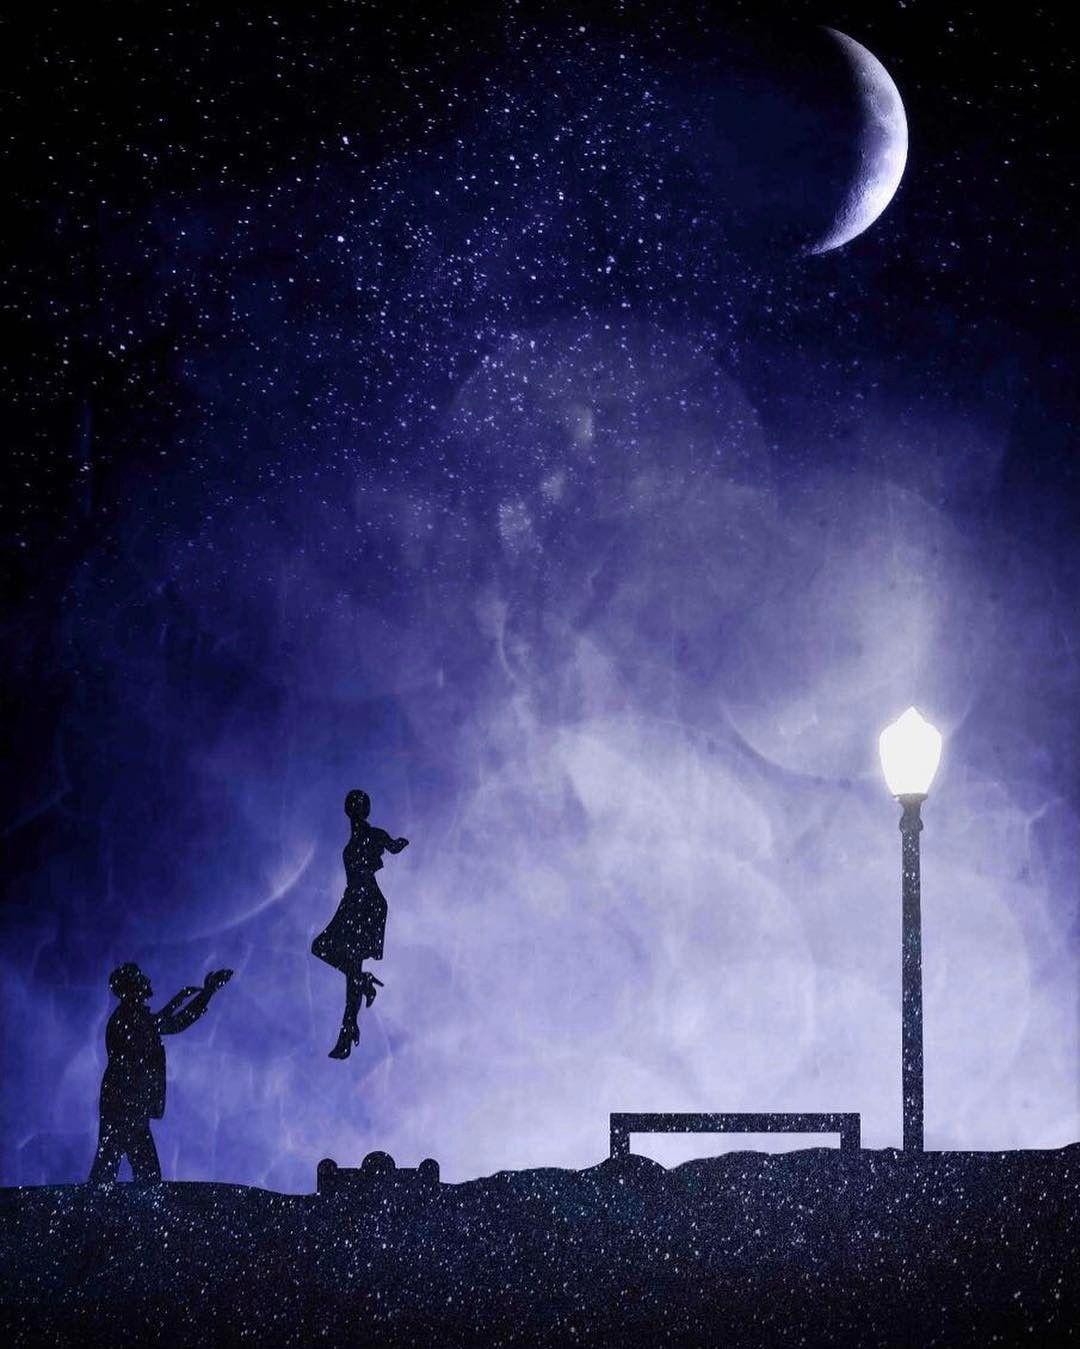 Photo Manipulation Inspired By La La Land Cityofstars Damianchazelle Rayangosling Rayangosling Fanart Dreams La La La Land About Time Movie Movie Art